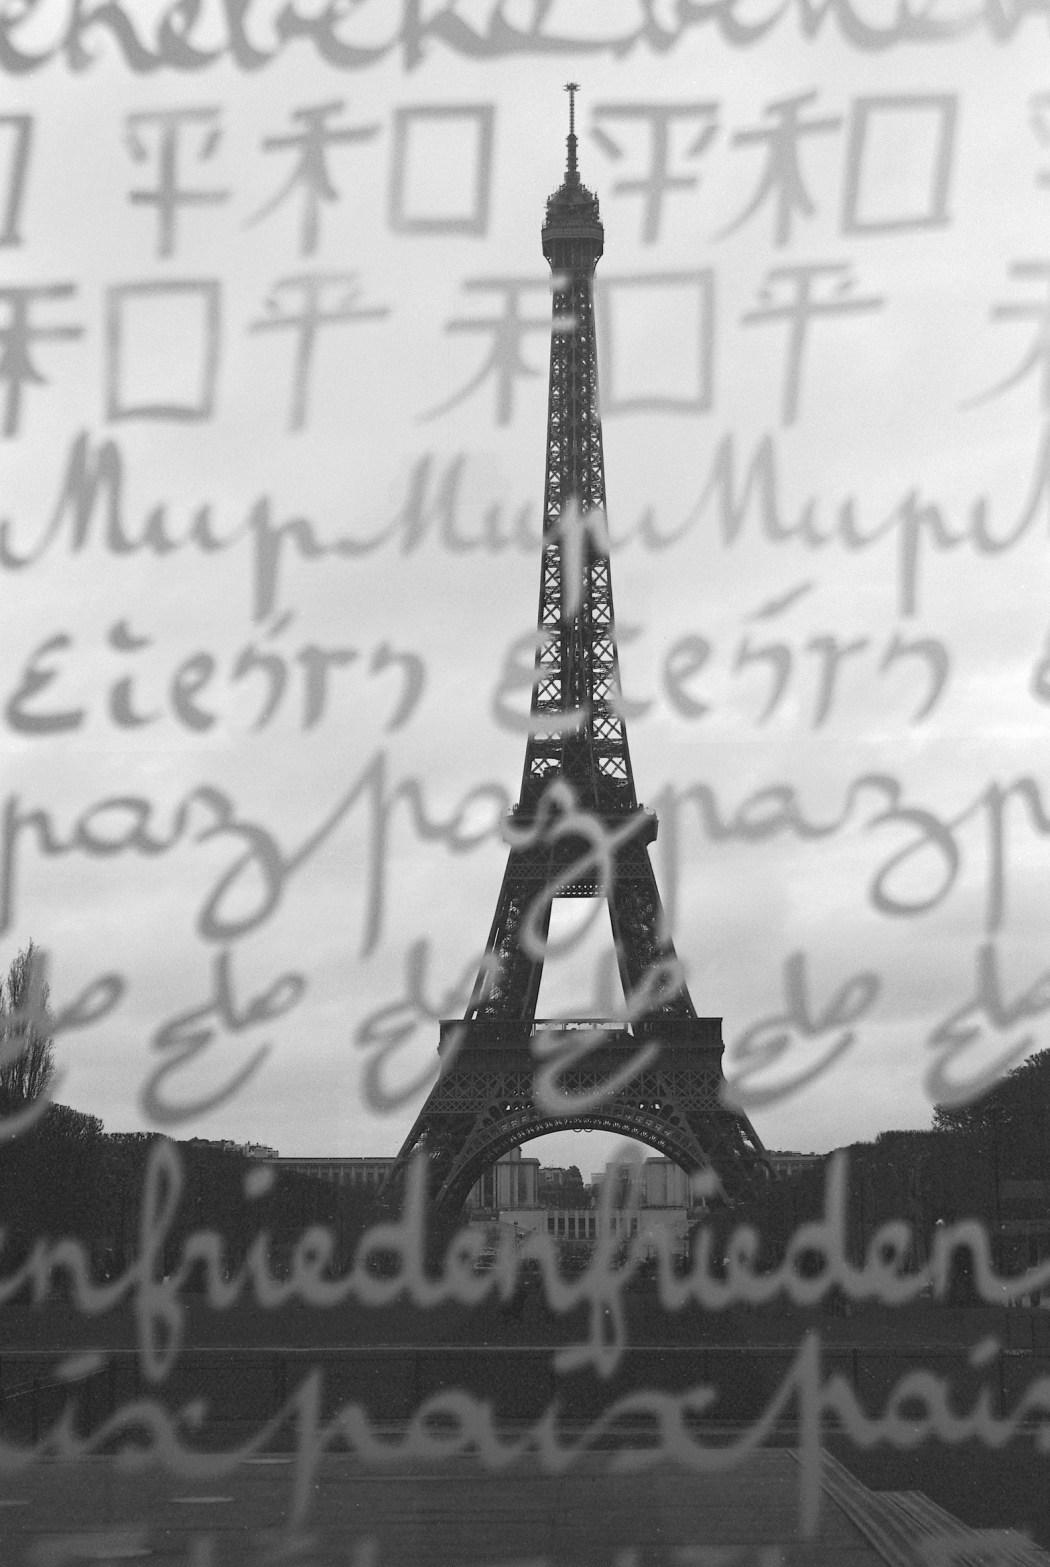 Moments-0422-0521 瞬間─李守智攝影裝置展-01和平鐵塔